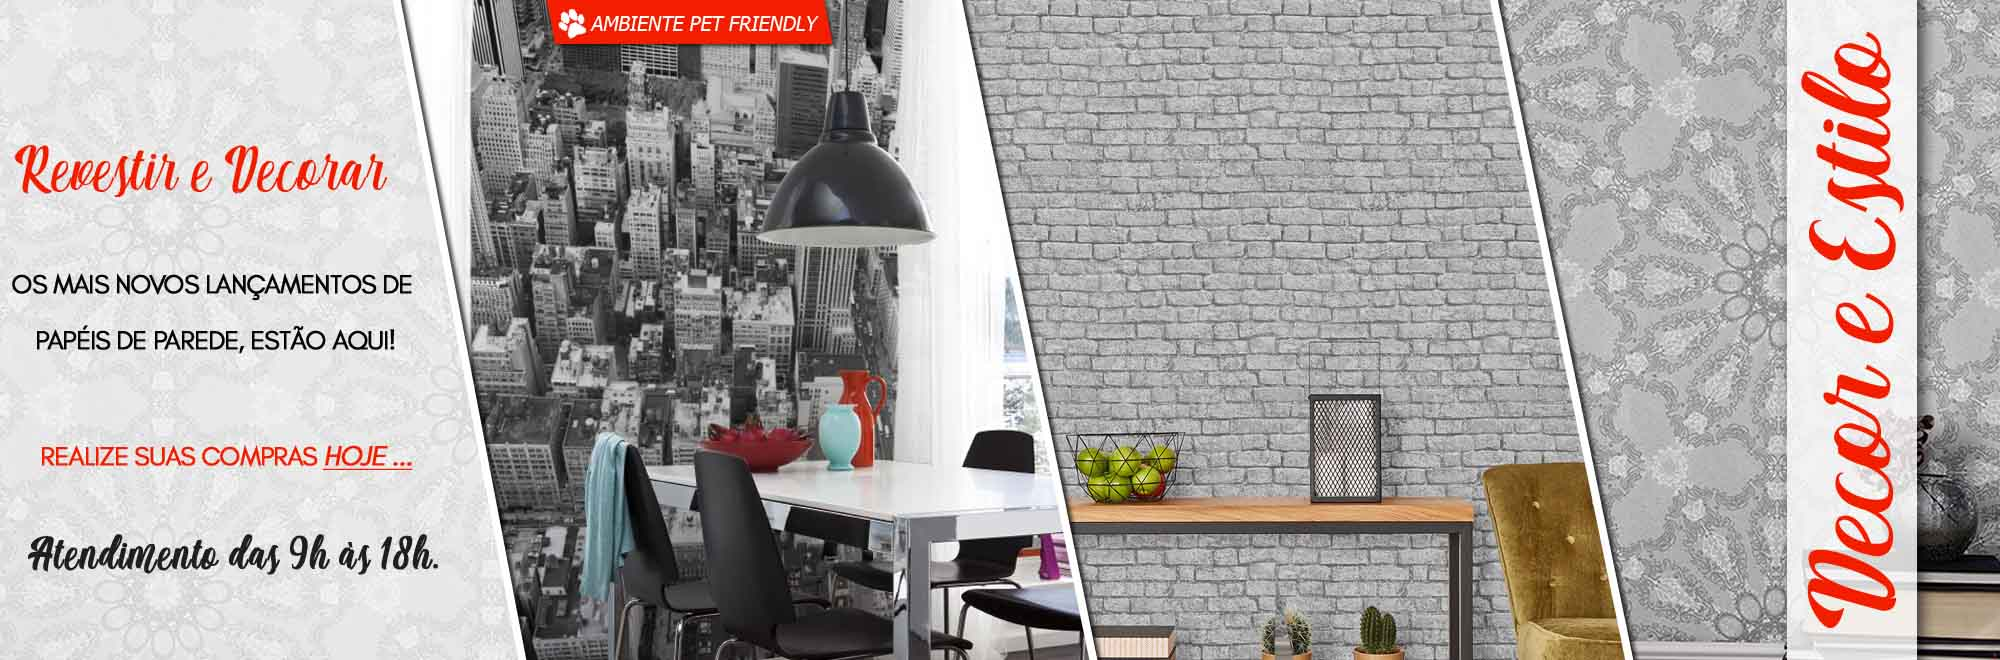 loja de papel de parede e decoração para casa, no bairro da Mooca e próximo ao extra